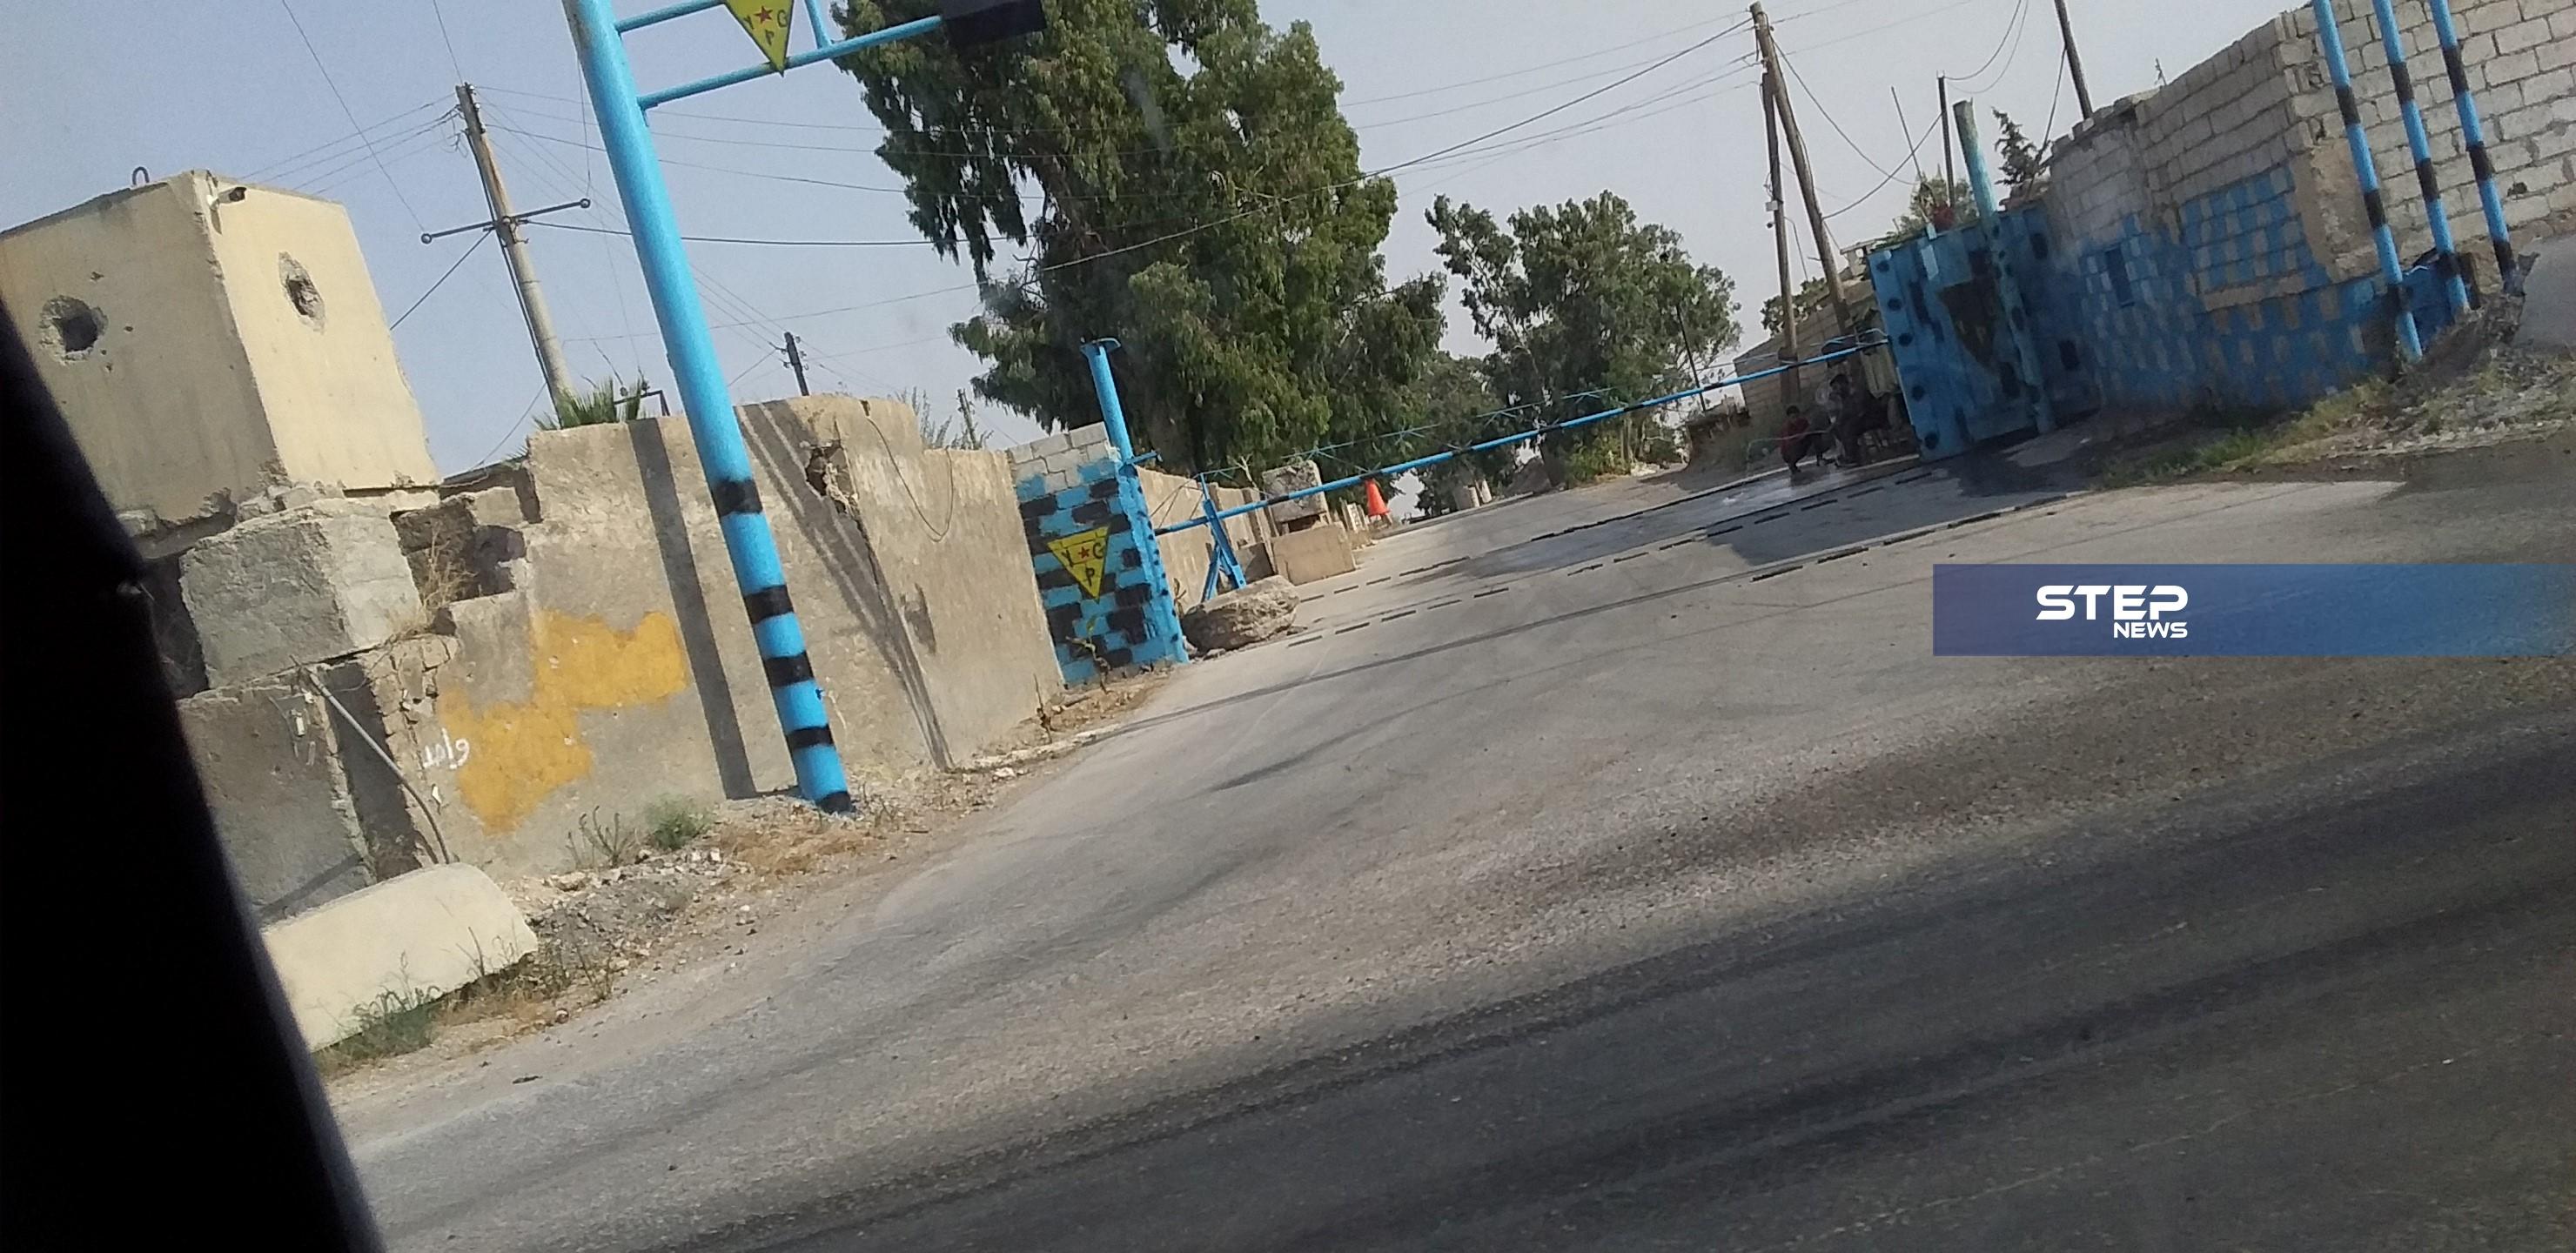 الوحدات الكردية تُنشئ سجنًا ضخمًا غربي الرقة لنقل مئات المعتقلين إليه، والتفاصيل!!